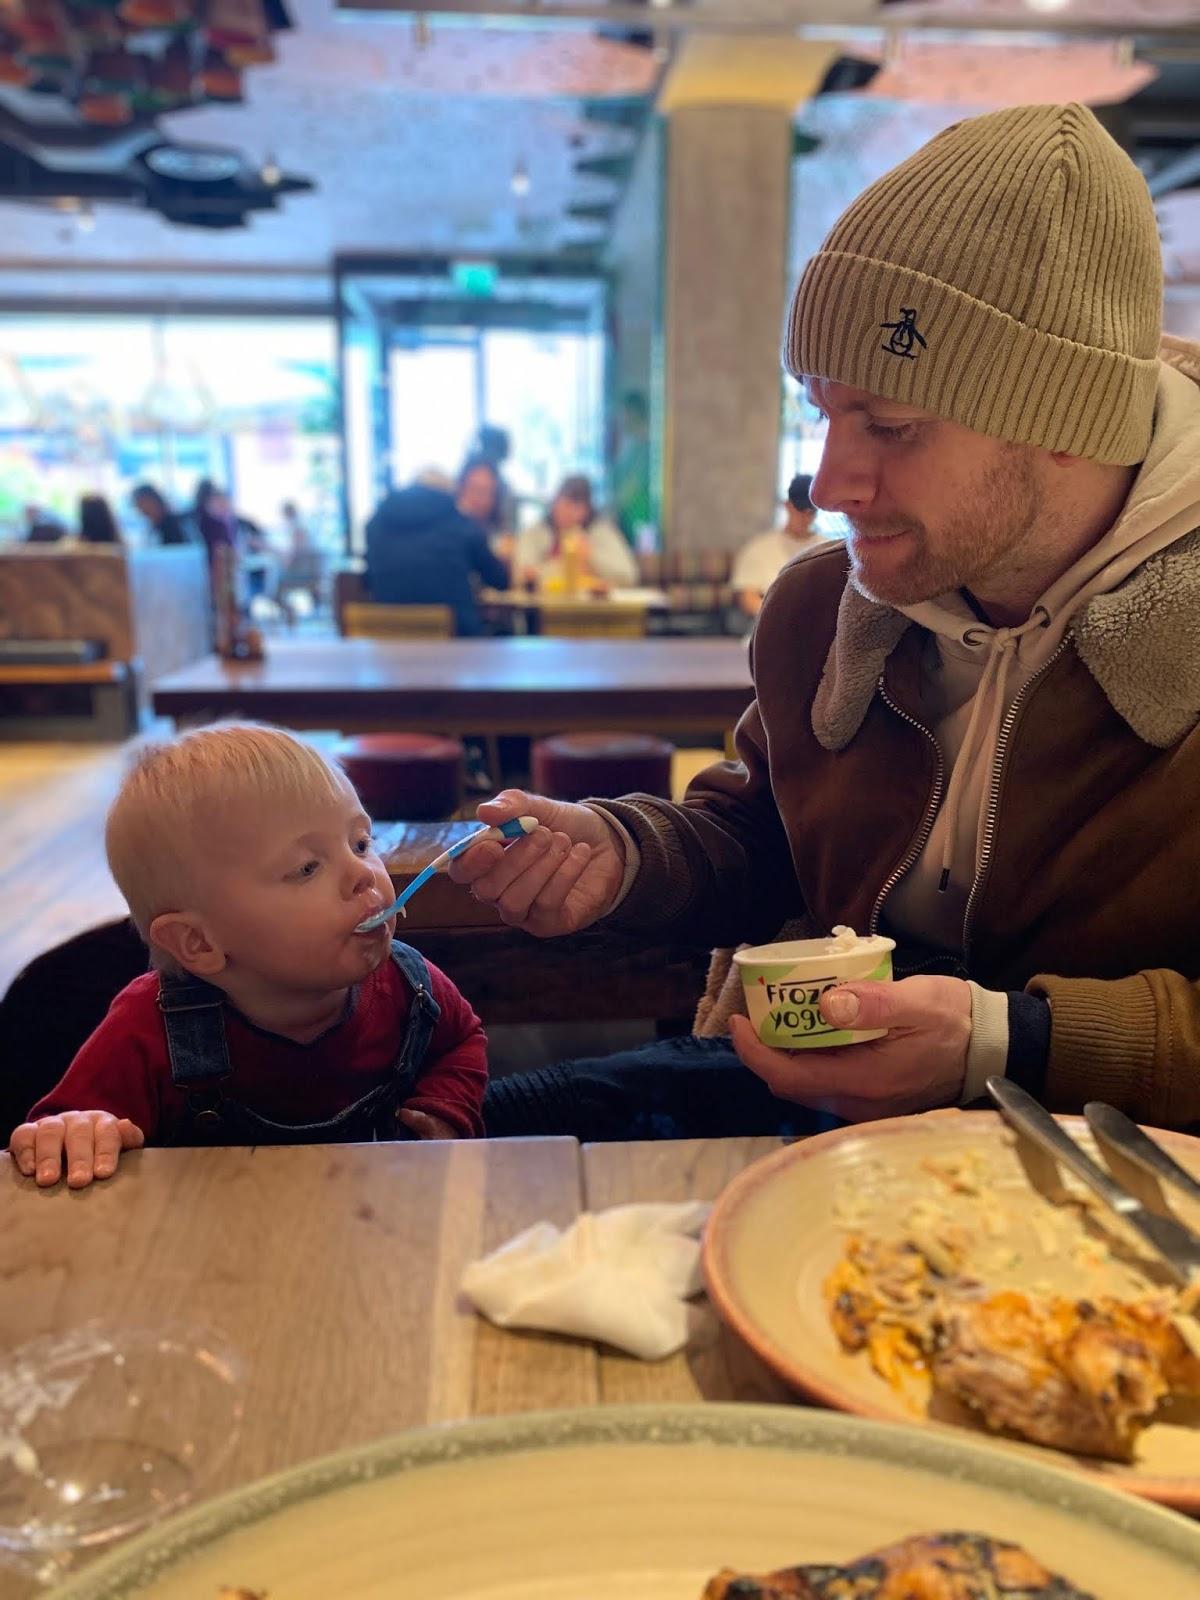 Baby sampling Nandino's menu intu potteries